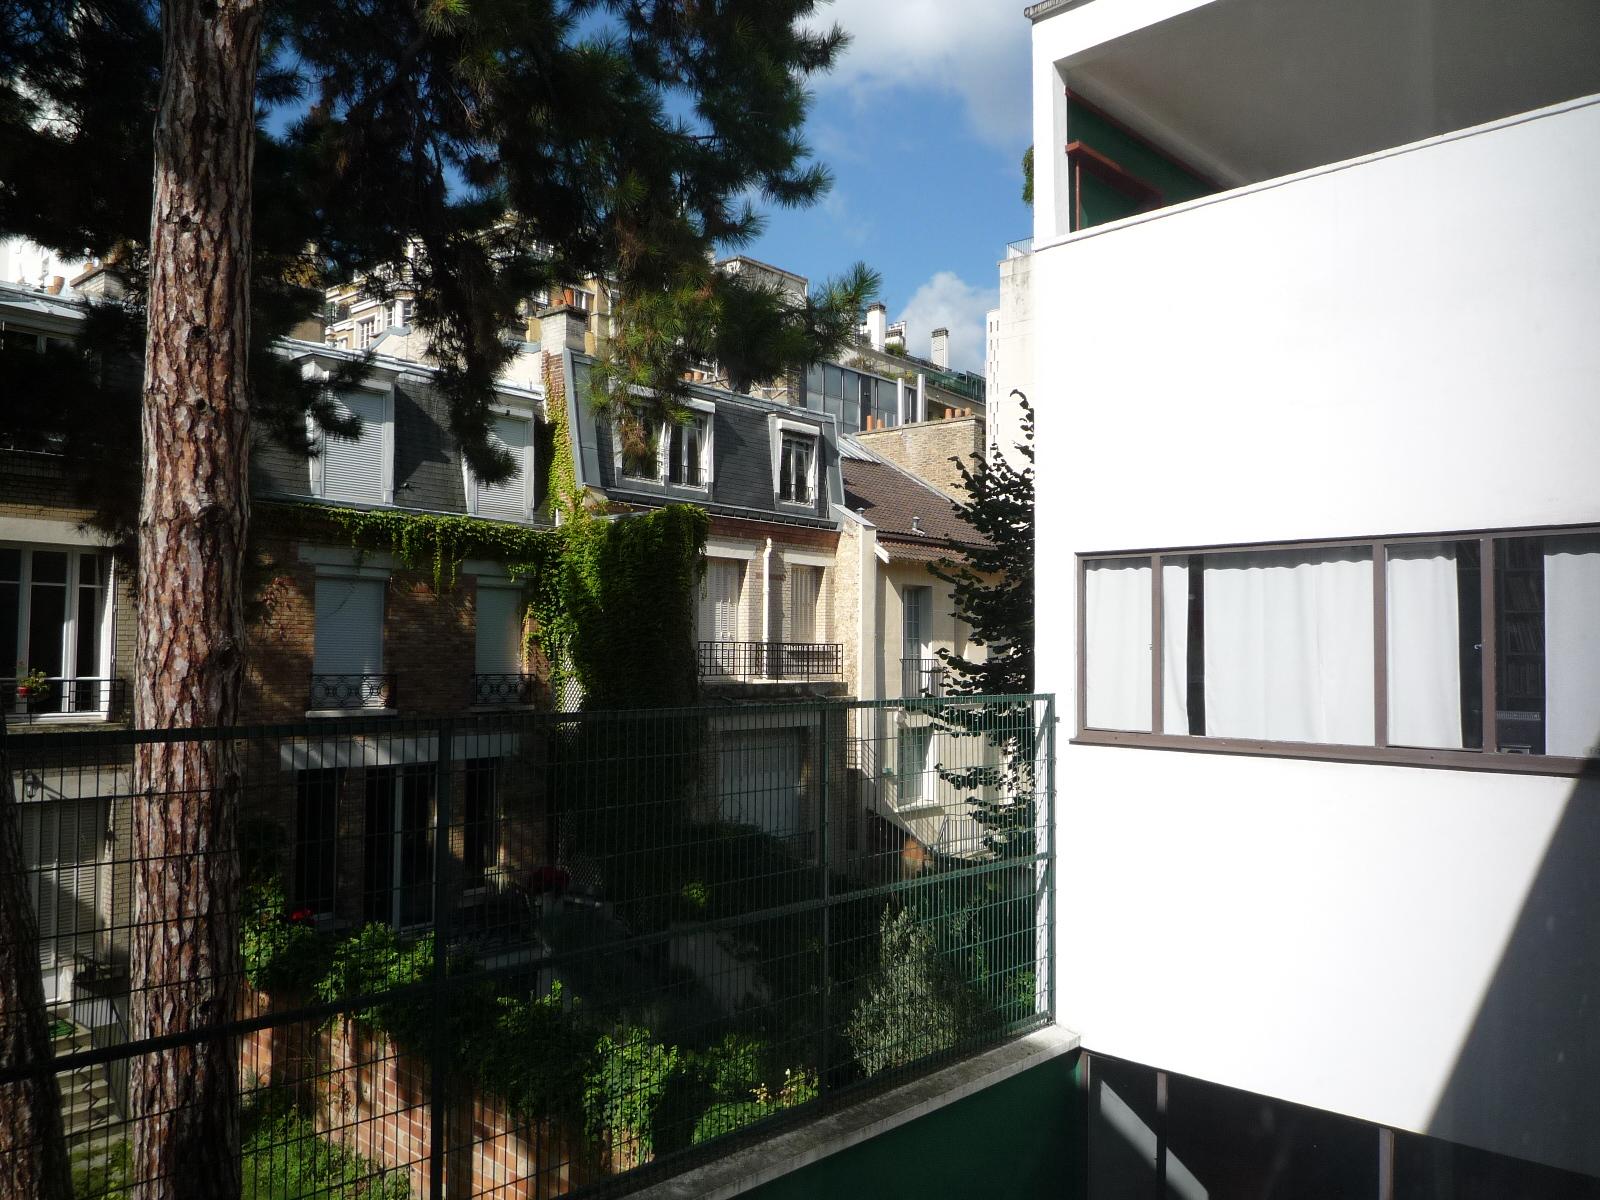 Corbusier villa la roche urban architecture now - Villa la roche corbusier ...